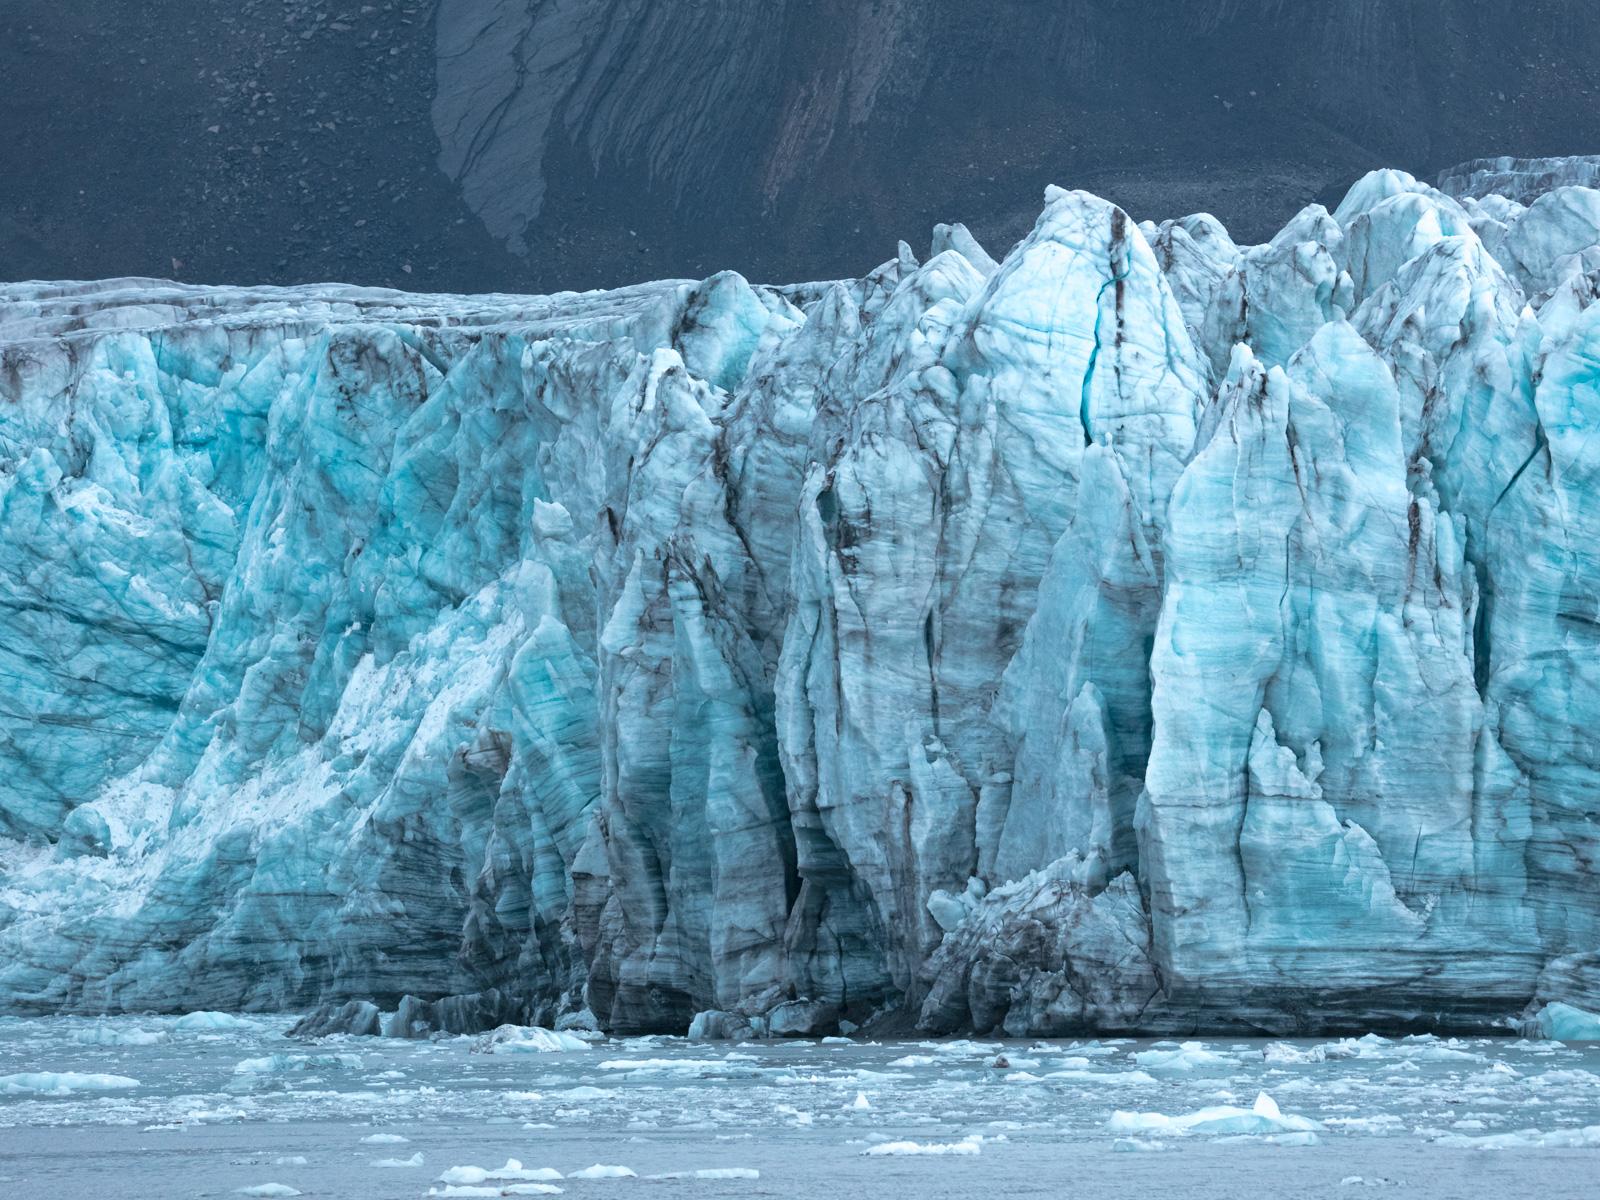 Svalbard_Spitsbergen_Ghiacciaio_Glacier-10